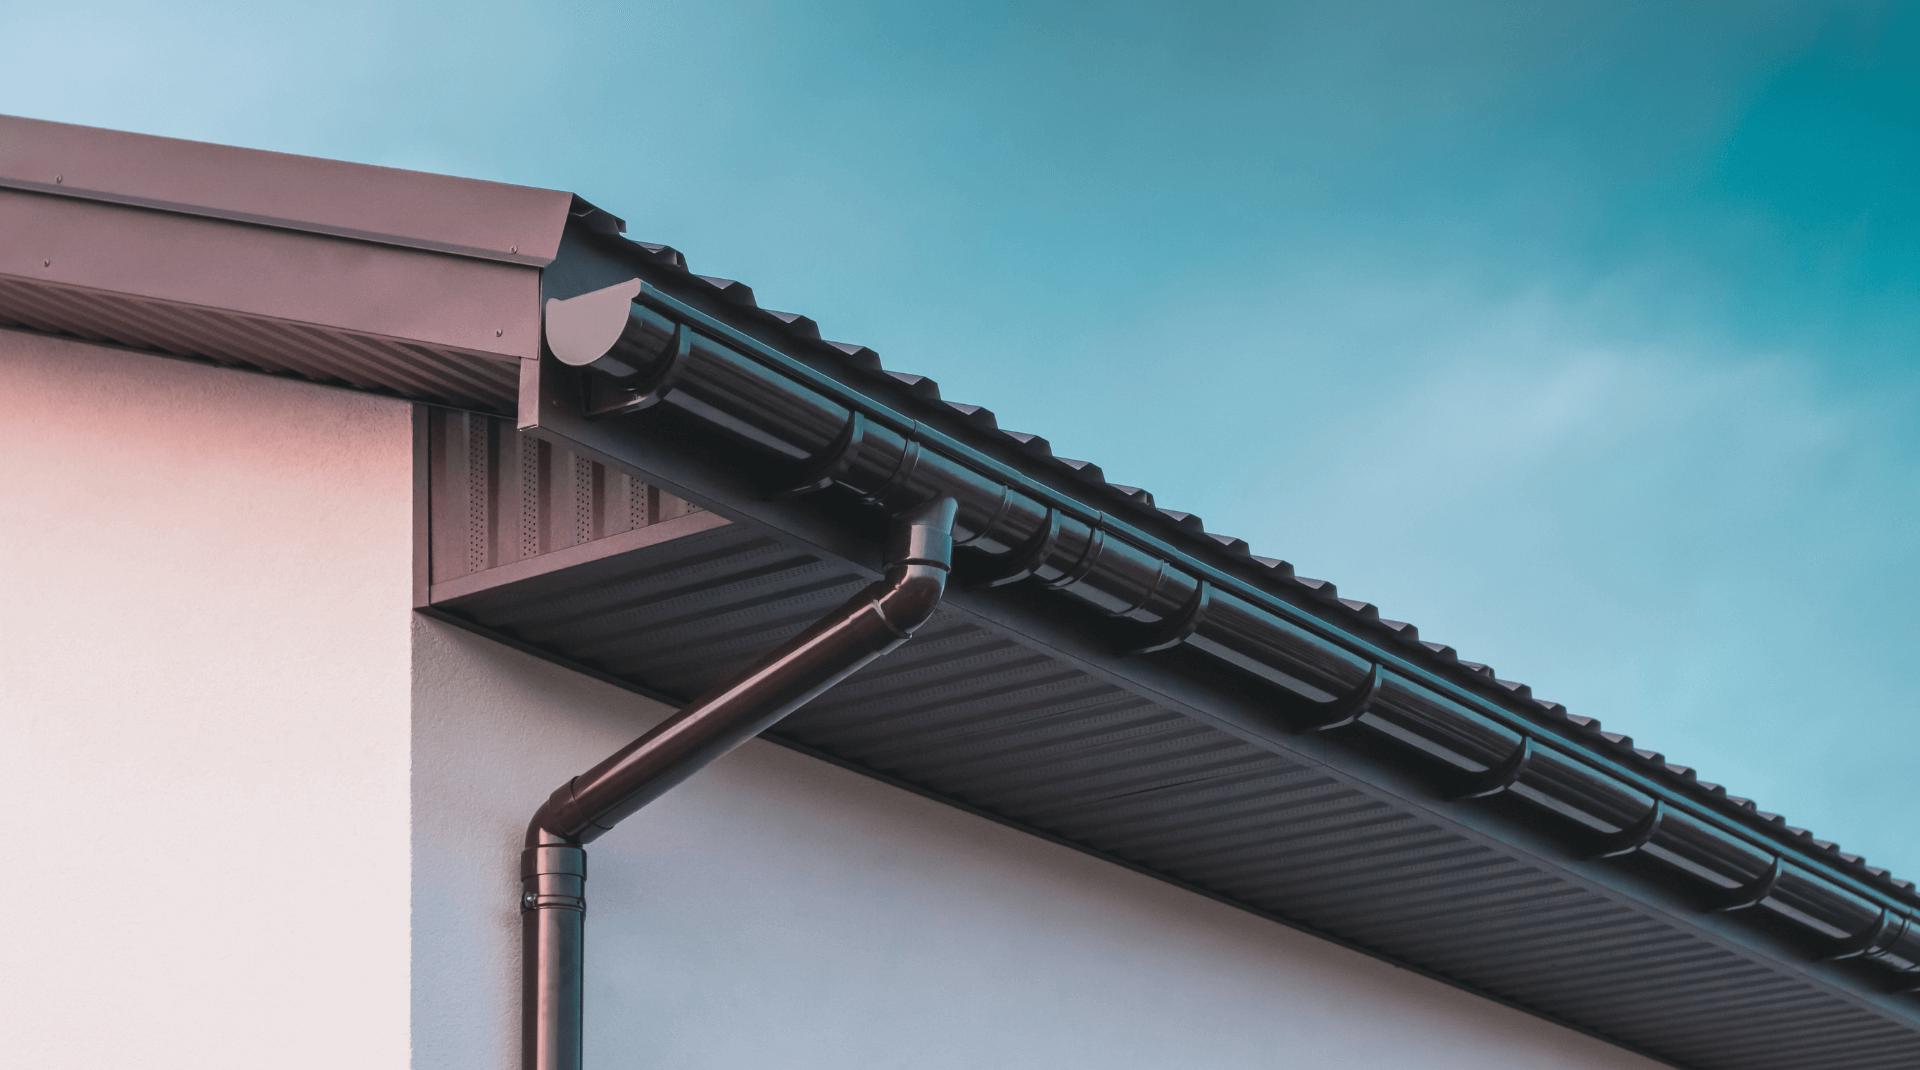 Haus mit Blechdach und dunklem Dachüberstand